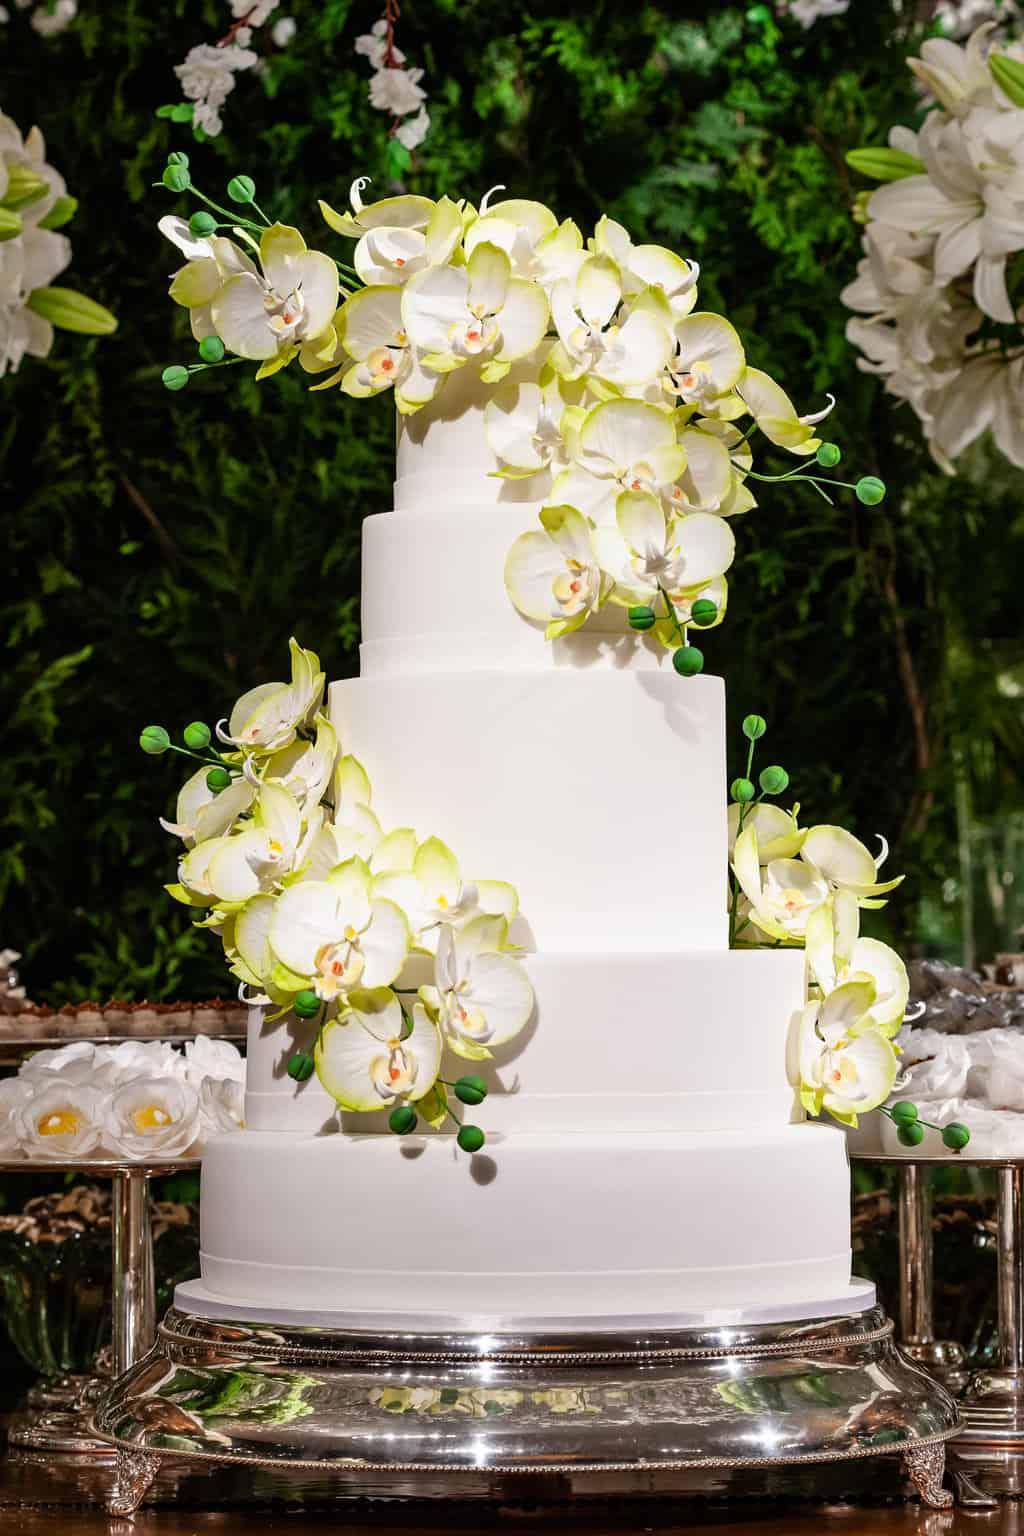 casamento-clássicocasamento-tradicional-casamento-stephanie-e-daniel-Fotografia-V-Rebel-48